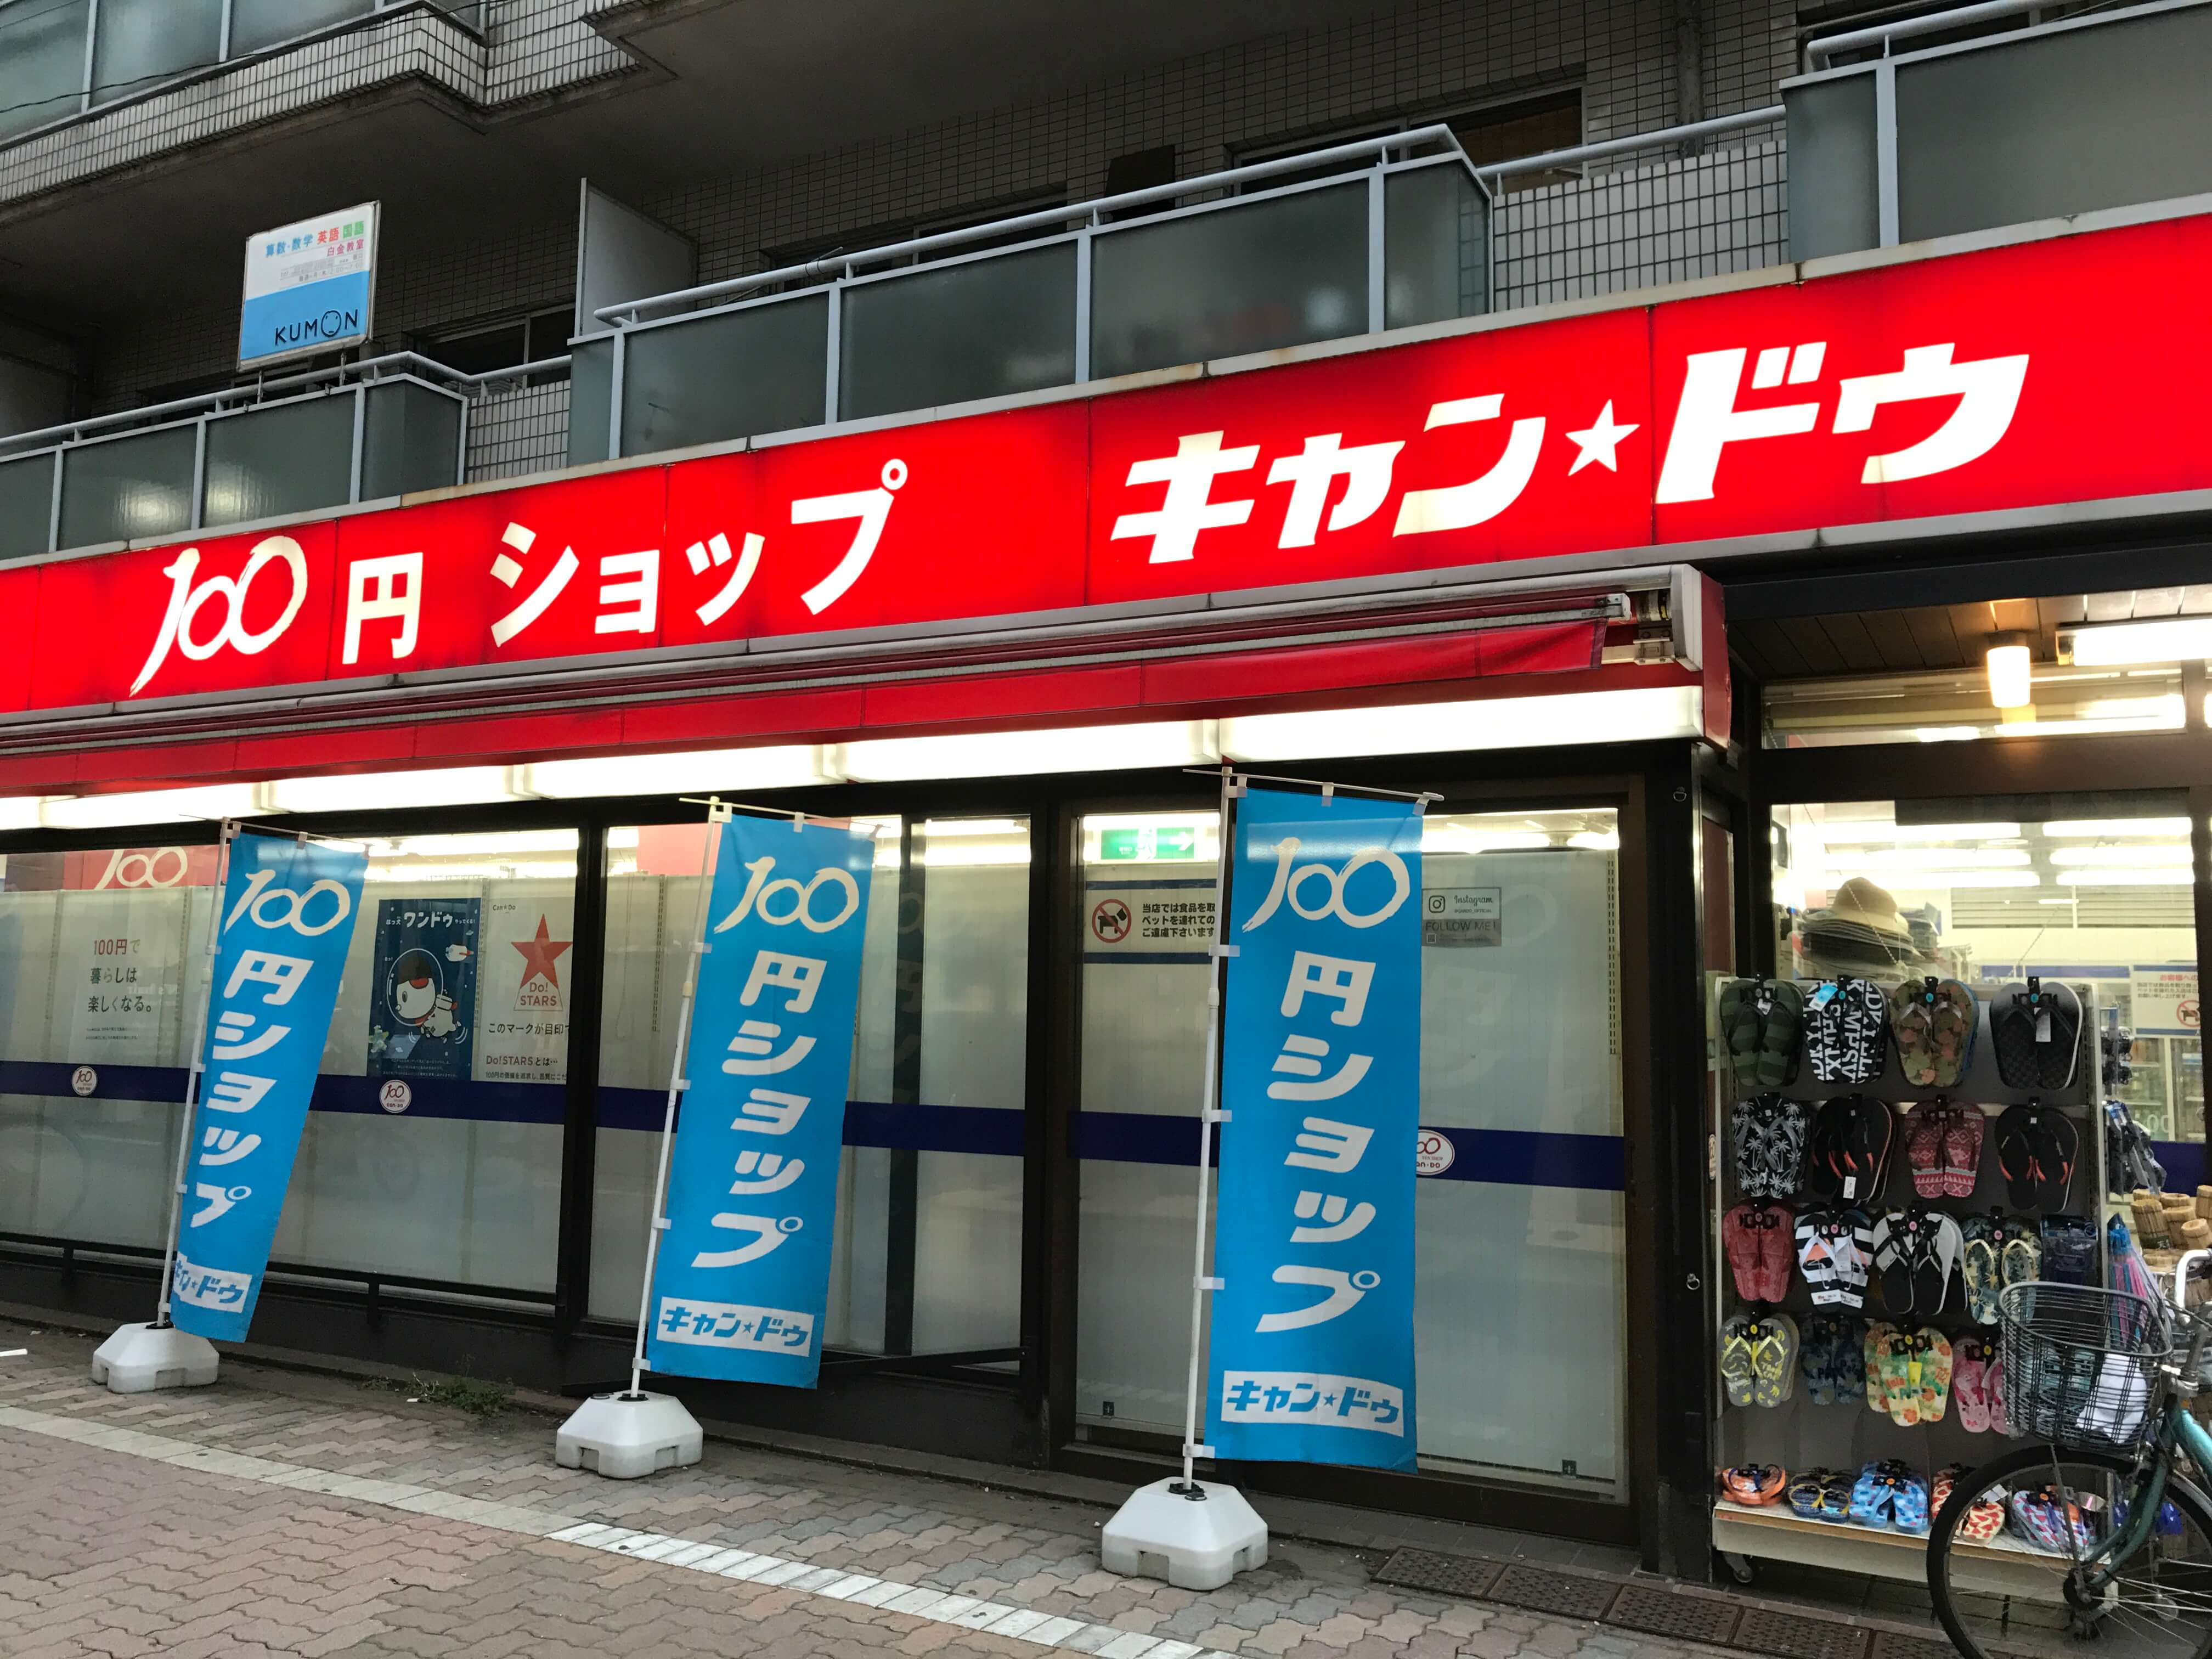 グランド・ガーラ 100元店